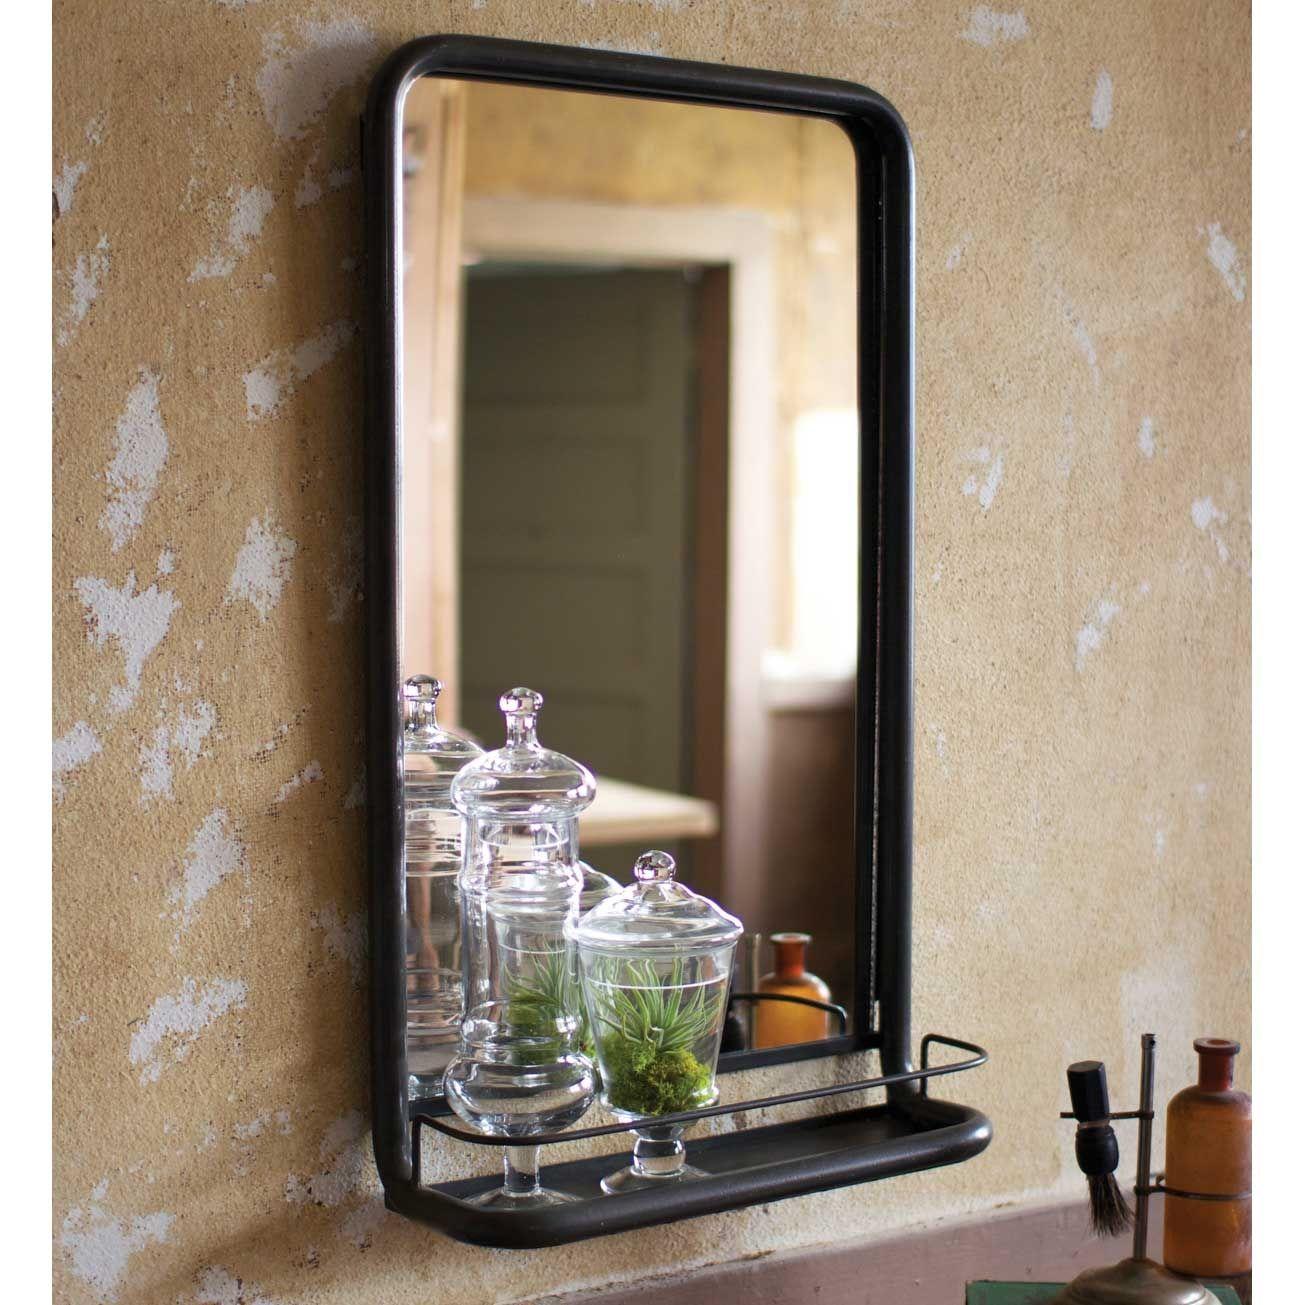 Rustic Metal Frame Farmhouse Mirror With Shelf Espejo De Bano Con Estante Espejos Industriales Espejos Para Banos